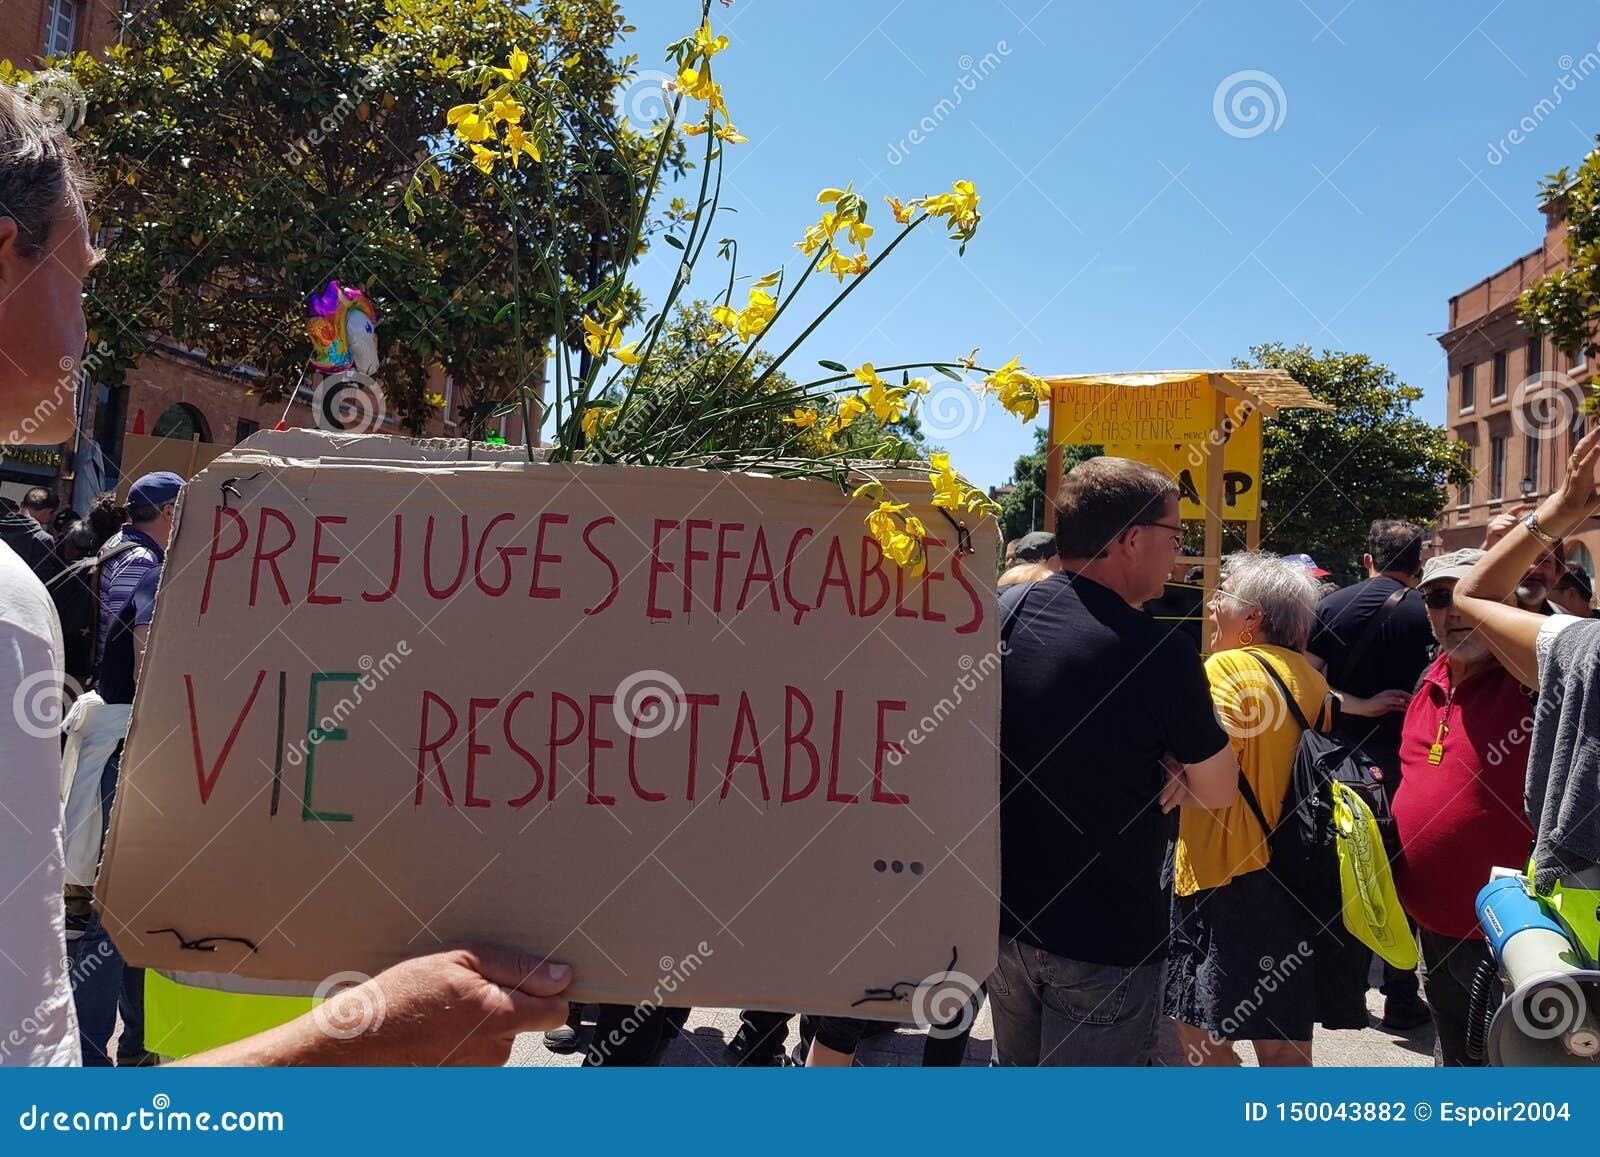 Pride March en demonstratie van gele vesten Inschrijving in Franse Uitwisbare vooroordelen - het respectabele leven